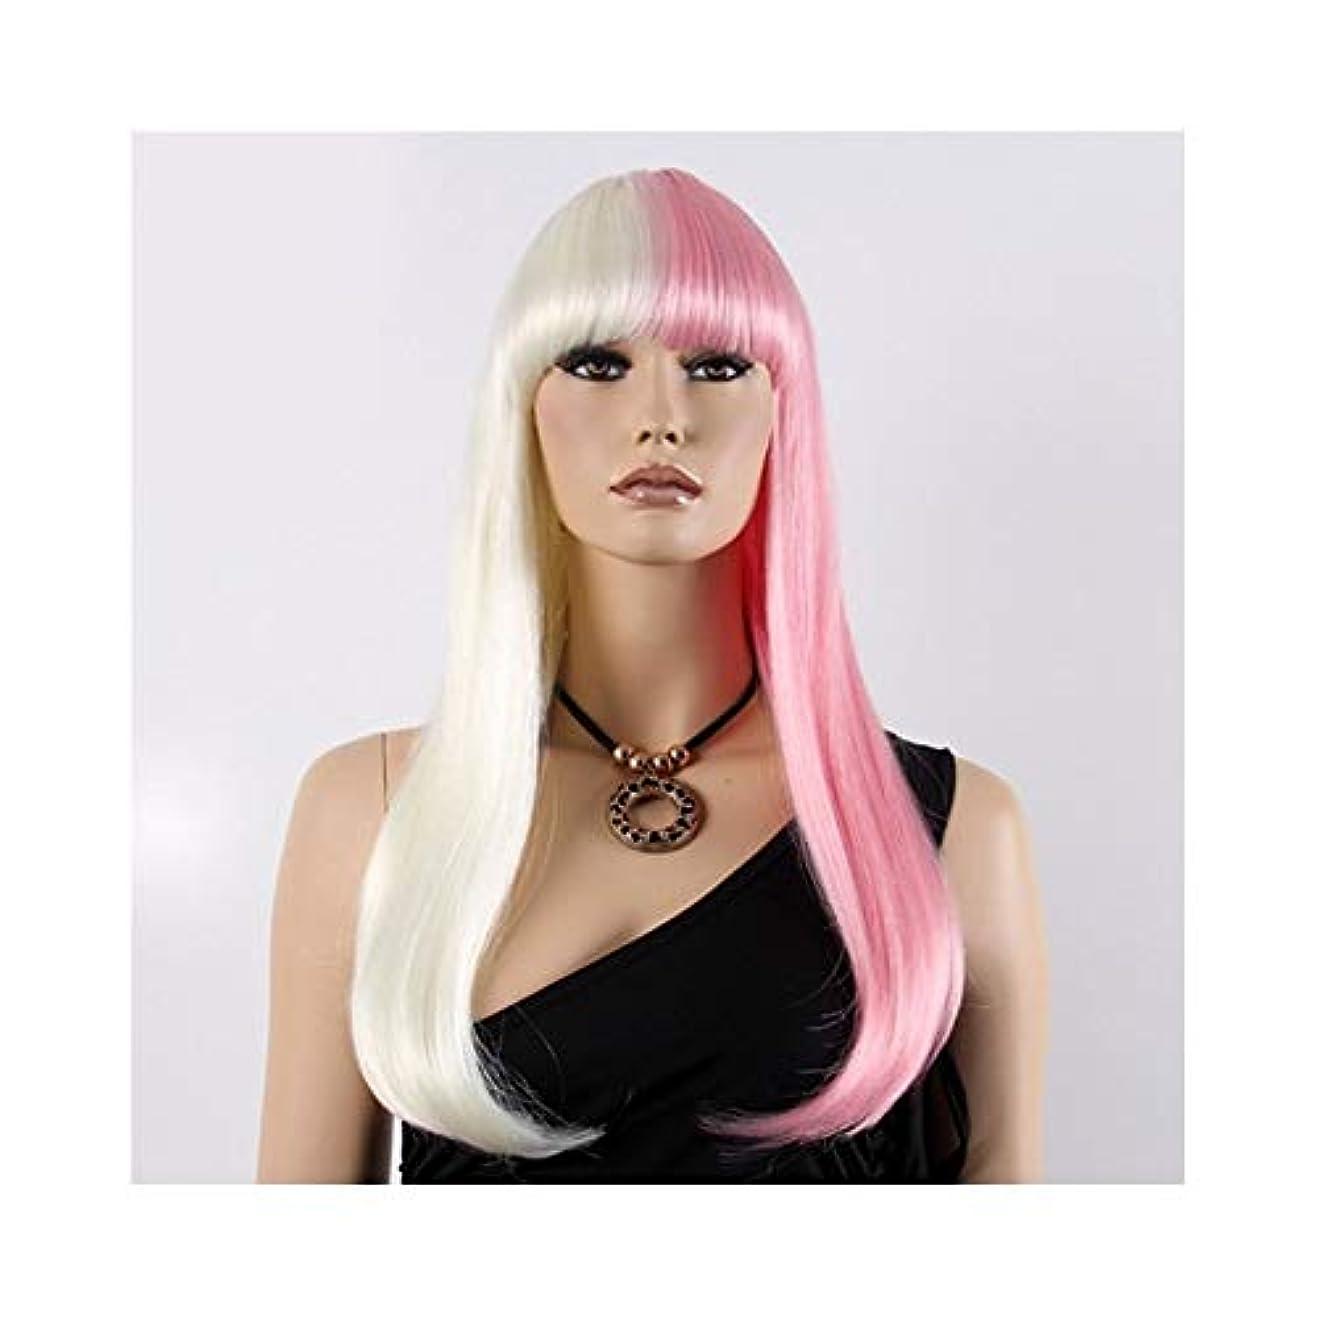 チャーミングミット平日YOUQIU 女子ハーフホワイトハーフパウダーロングストレート合成ボブ髪Wigcosplayウィッグウィッグ (色 : Photo Color)